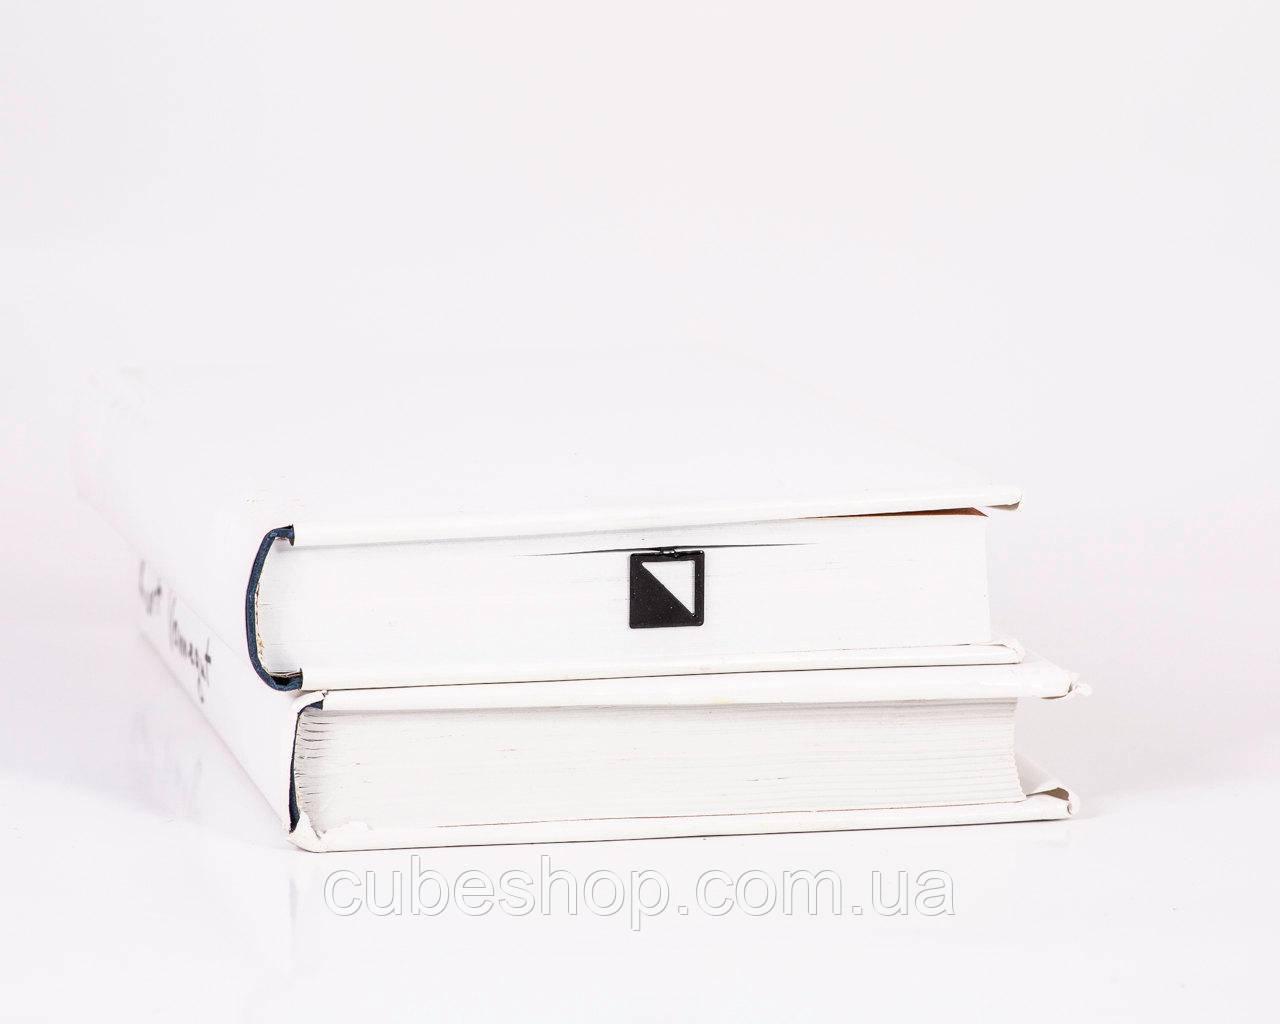 Закладка для книг Полуквадрат